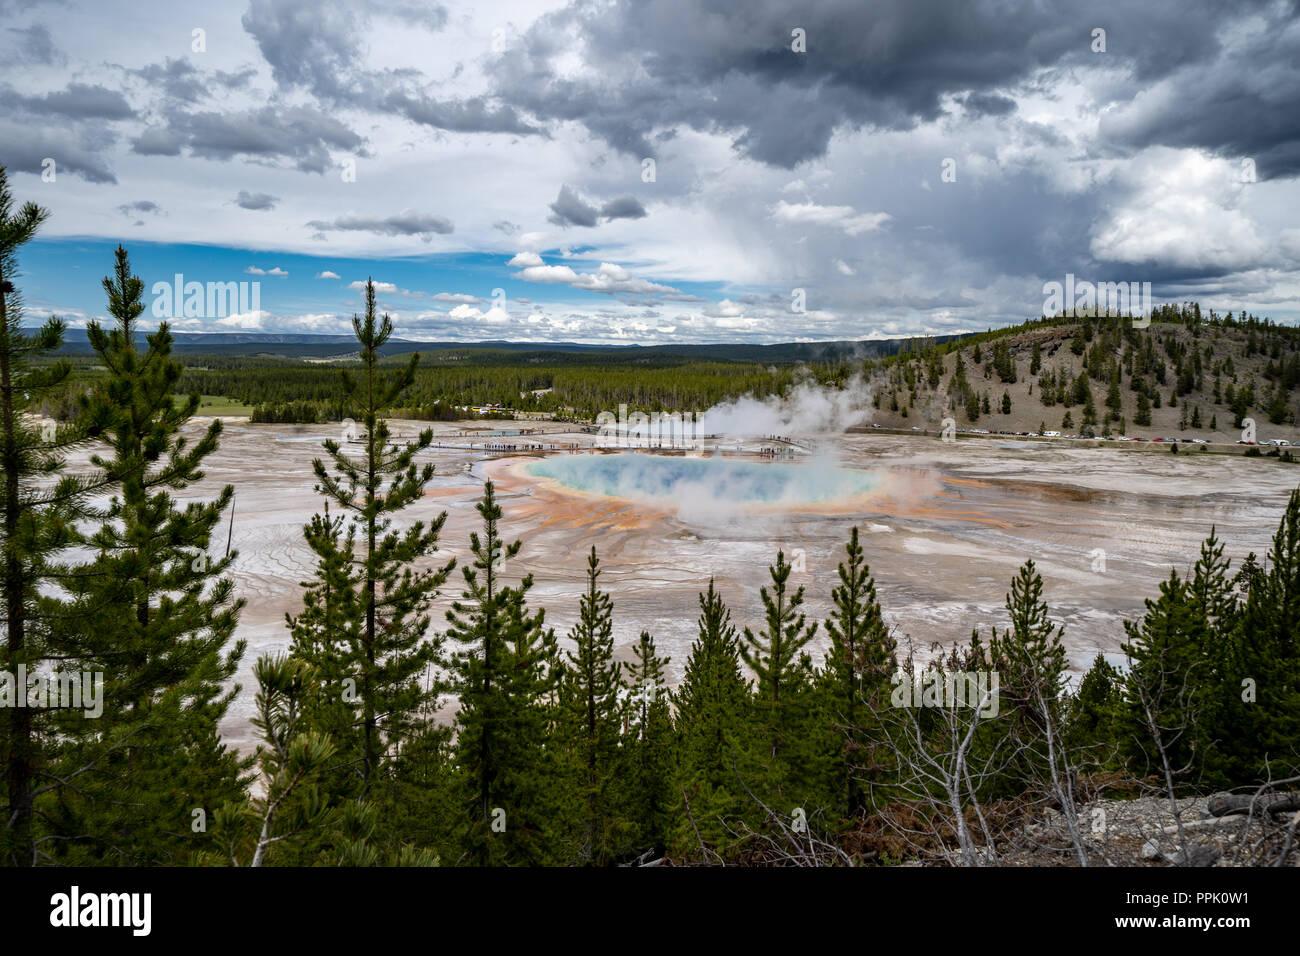 Grand Prismatic Spring, Yellowstone National Park, als aus der Fairy trail Fällt gesehen Blicken, anzeigen Rainbow des Hot Spring von Farben. Bäume fr Stockbild